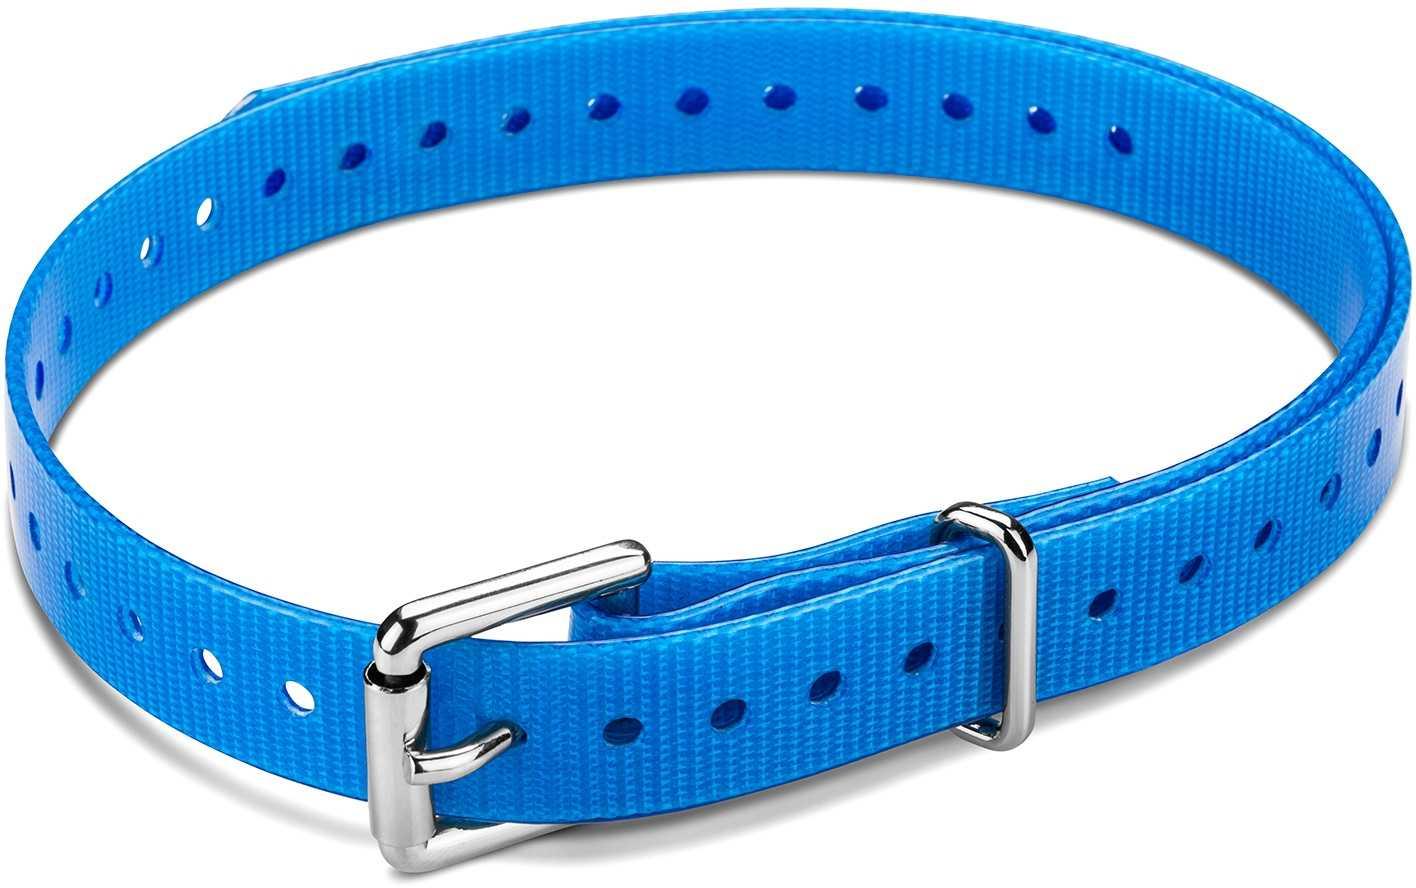 """Image of Garmin Halsbandsrem 3/4"""""""" med fyrkantigt rullspänne blå"""